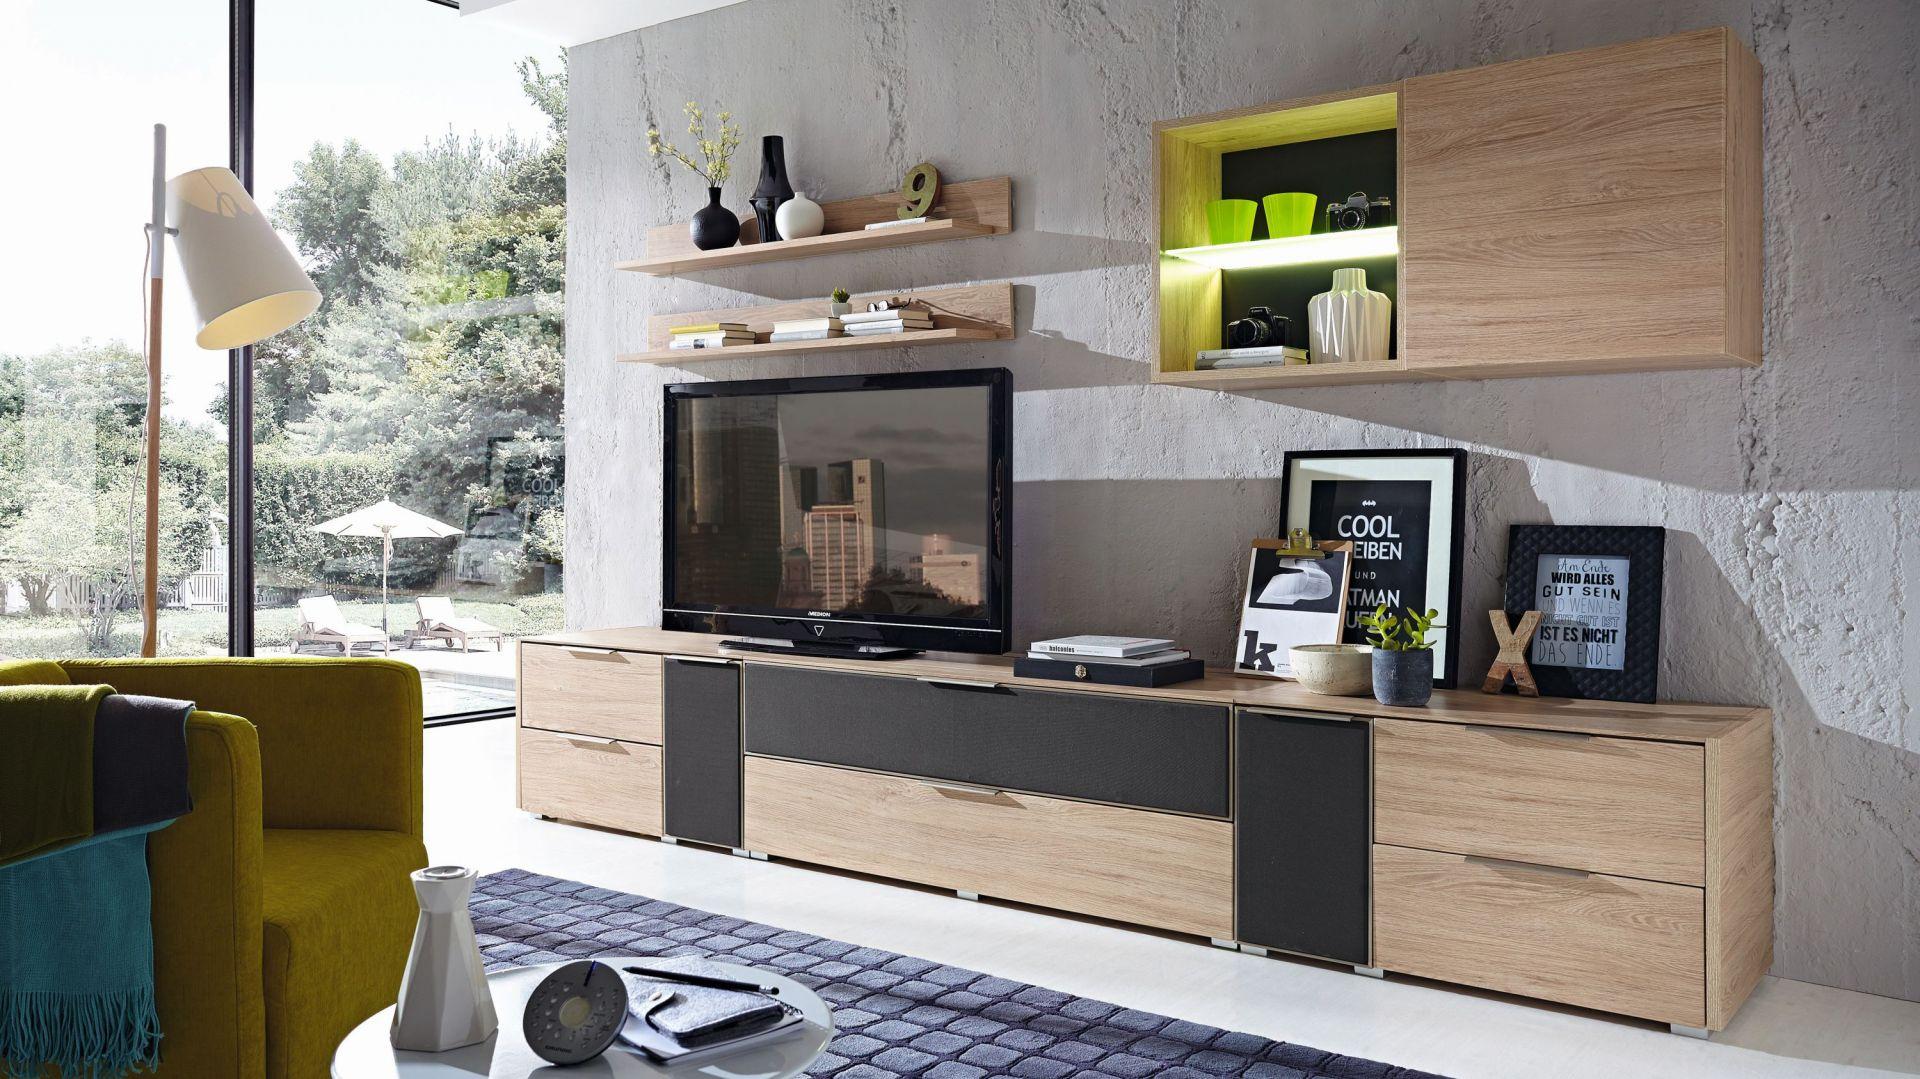 Kolekcja Median to harmonijne połączenie grafitowych elementów z naturalnym kolorem drewna. Fot. BRW